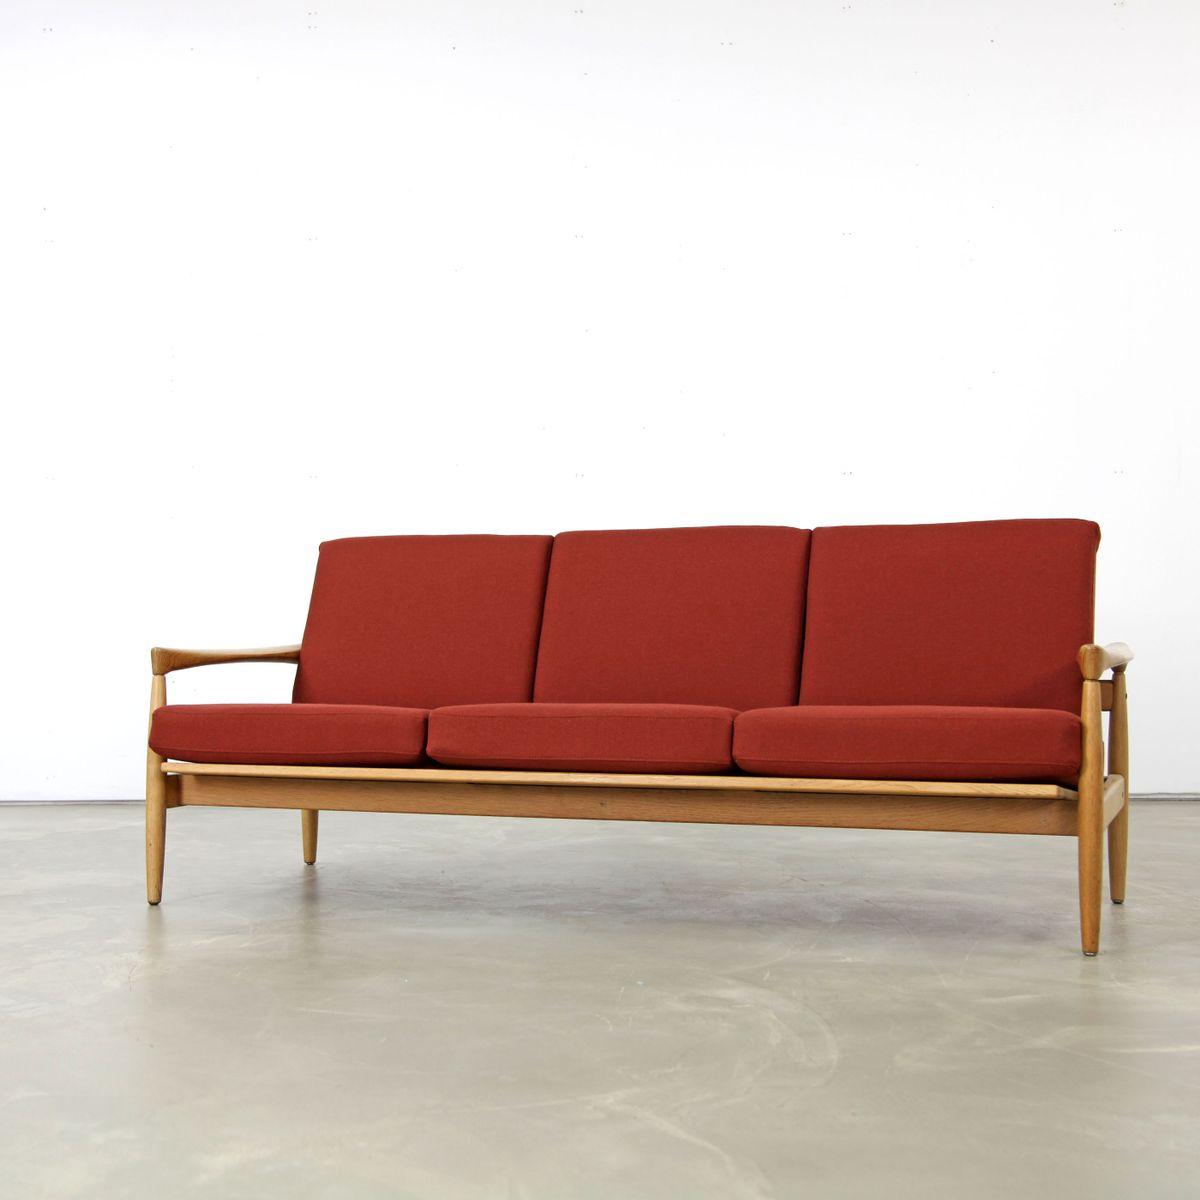 eichenholz sofa von erik w rts f r br derna andersson 1960er bei pamono kaufen. Black Bedroom Furniture Sets. Home Design Ideas